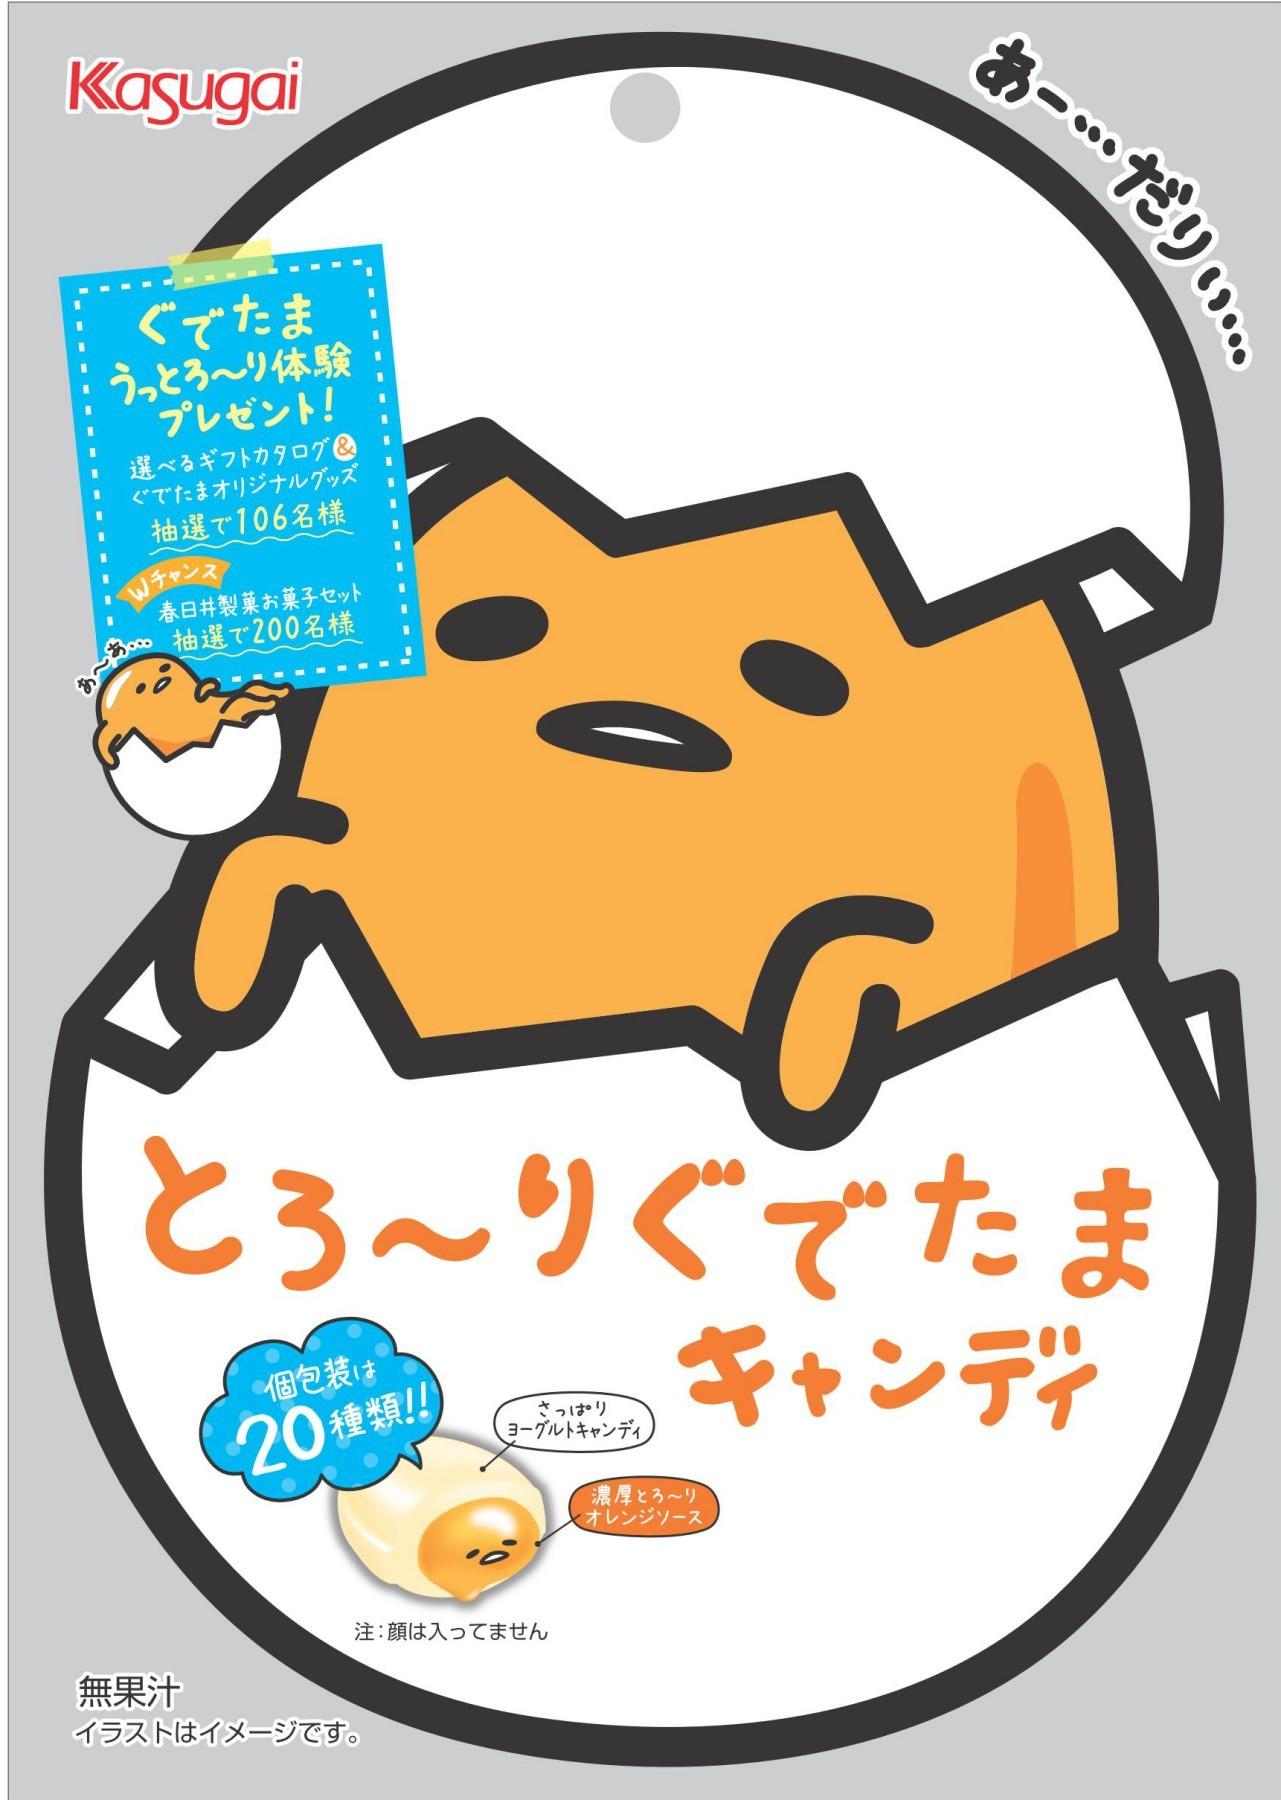 http://www.kasugai.co.jp/specialty/assets/images/24d2698a824ea8fdc7484369d67c075b3cb47cc3.jpg